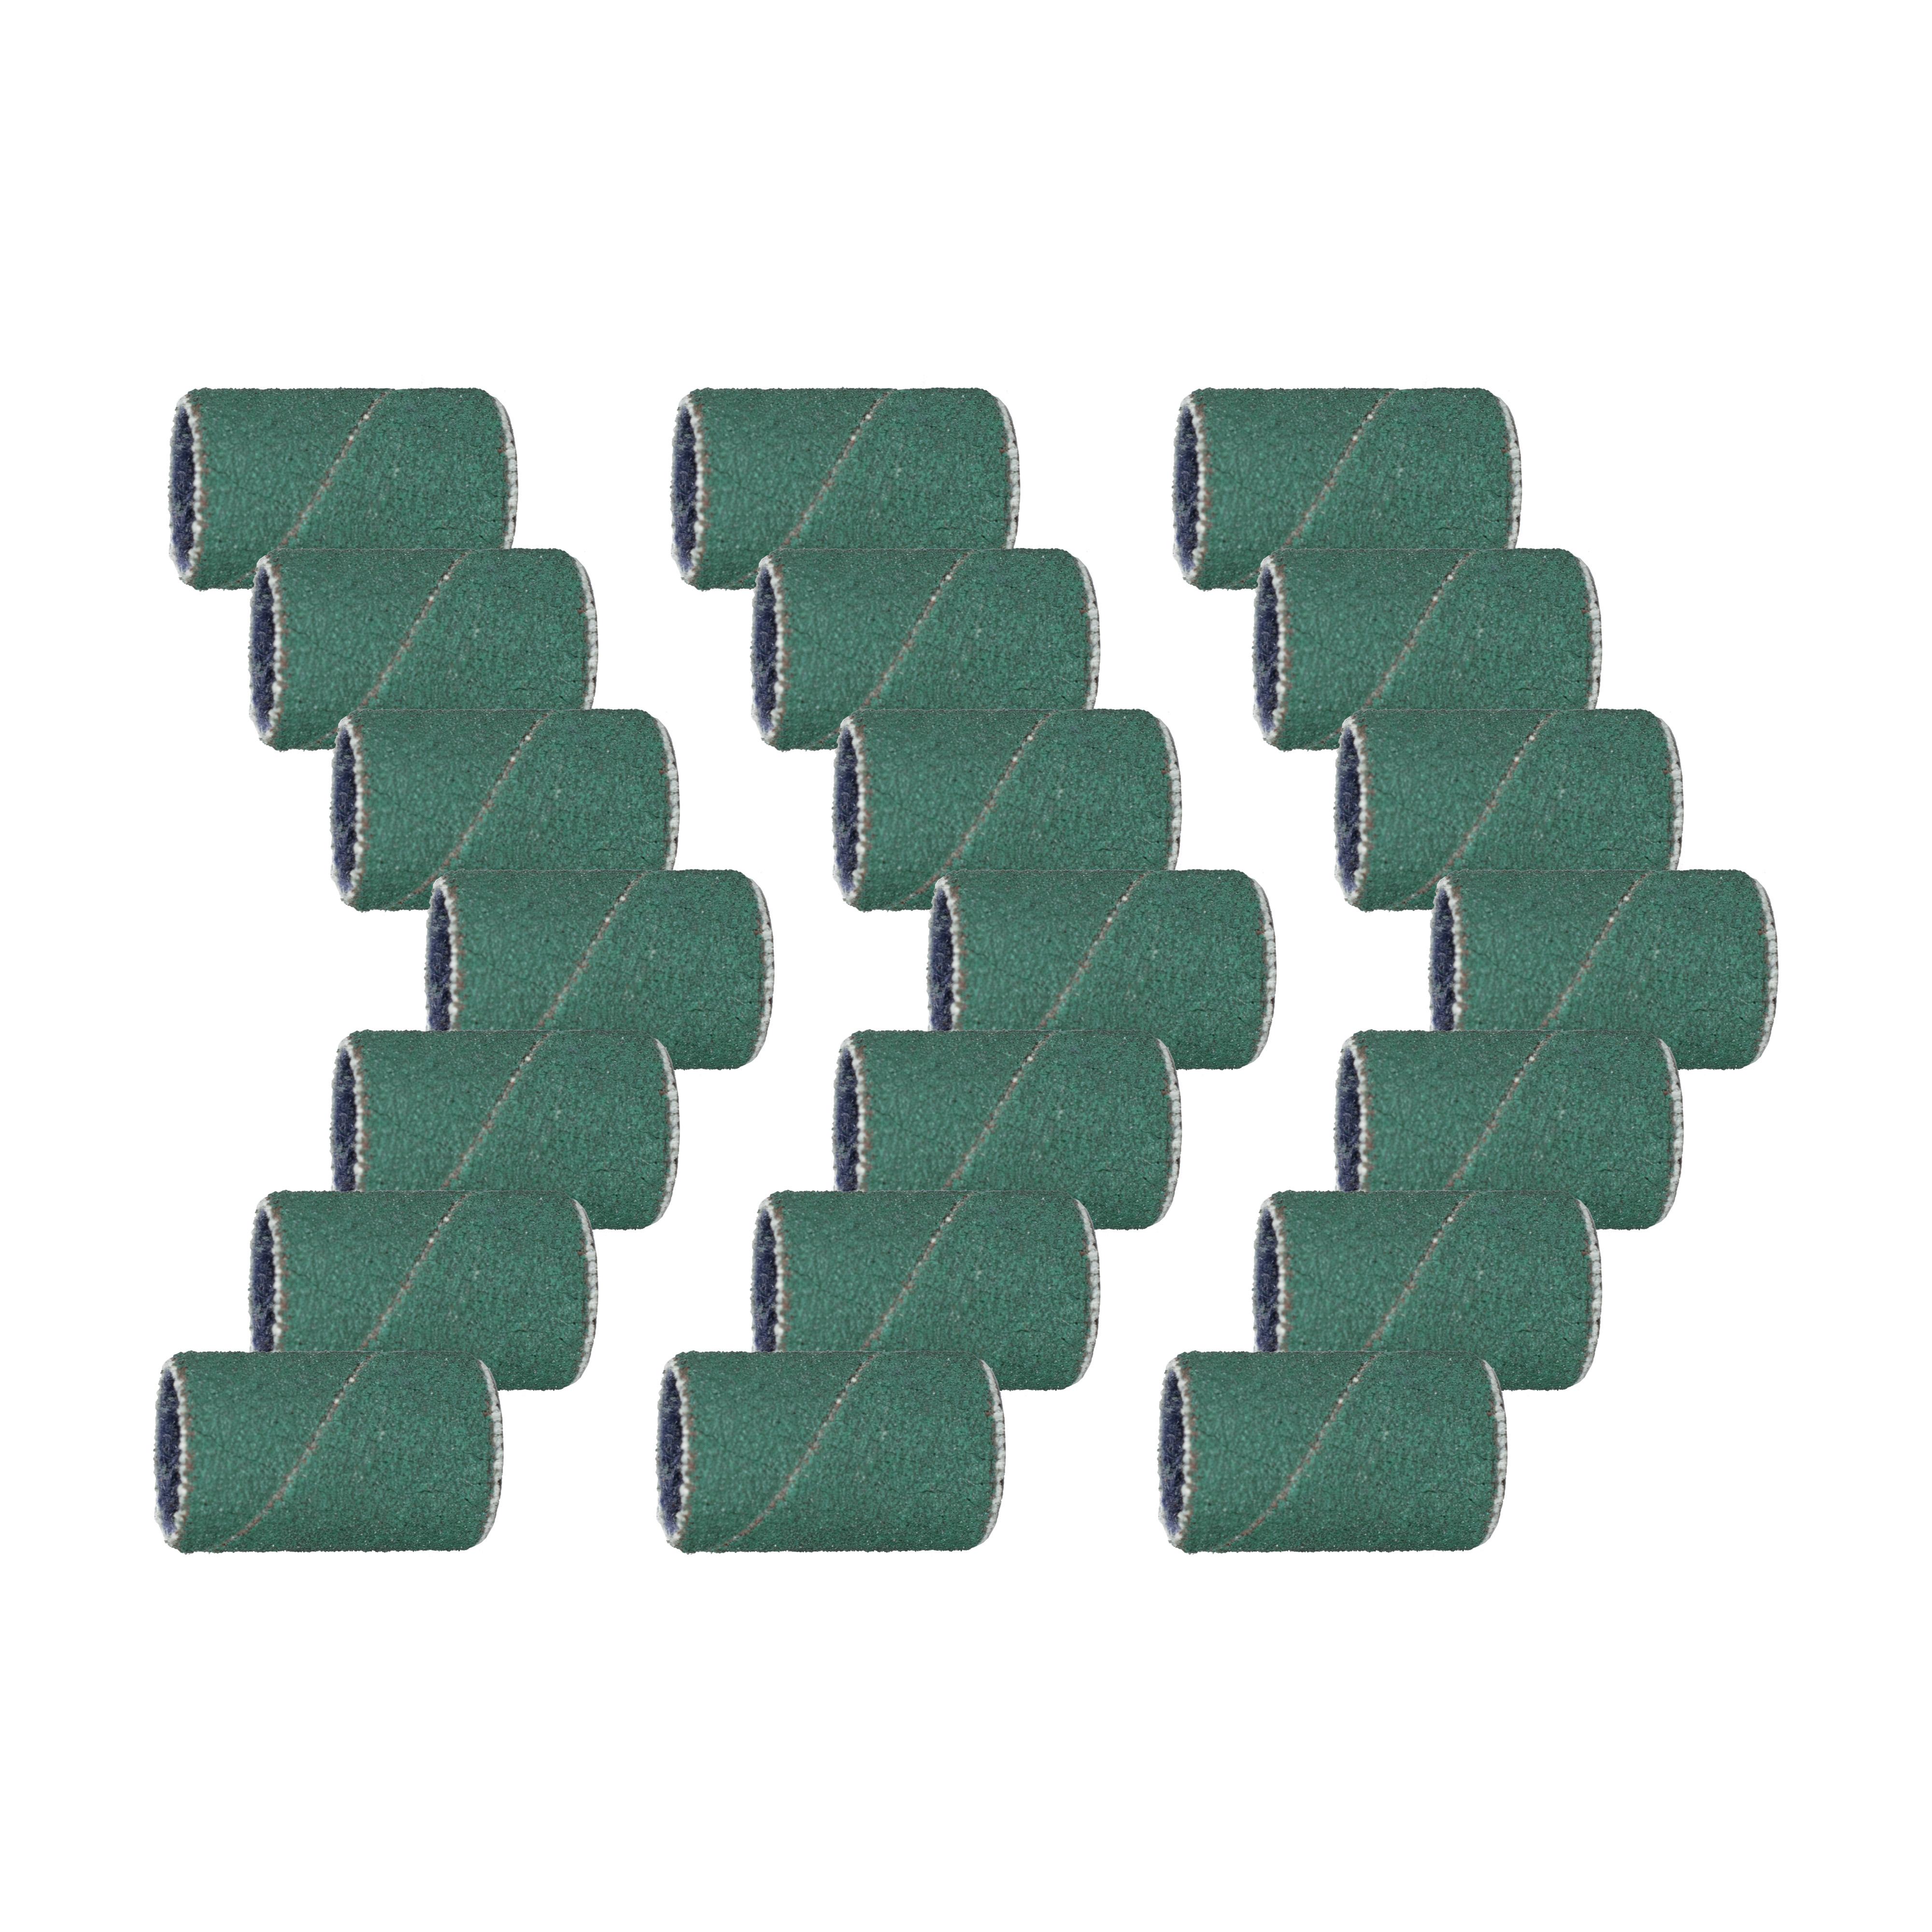 Высокое качество шлифовальная лента лак для ногтей дрель файлы маникюрные инструменты